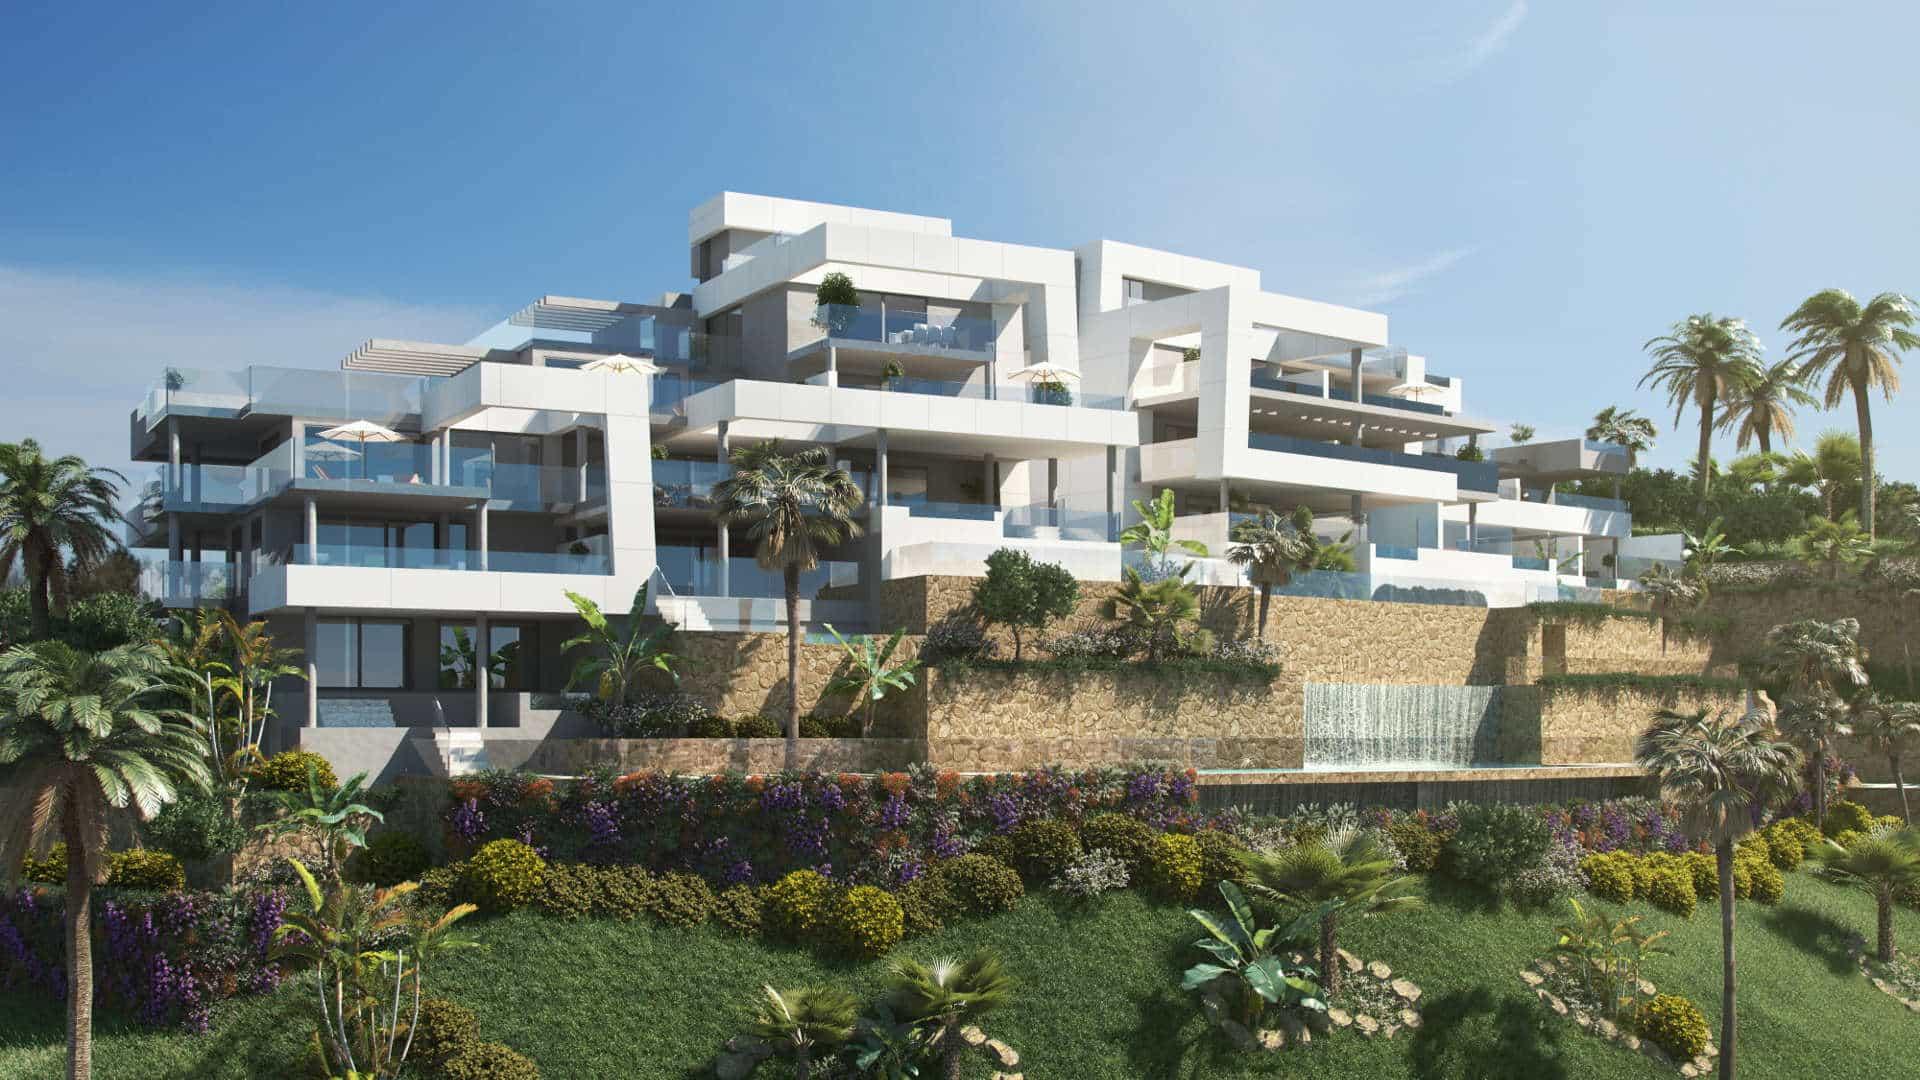 La Morelia de Marbella 4 bedroom apartment with private pool and views